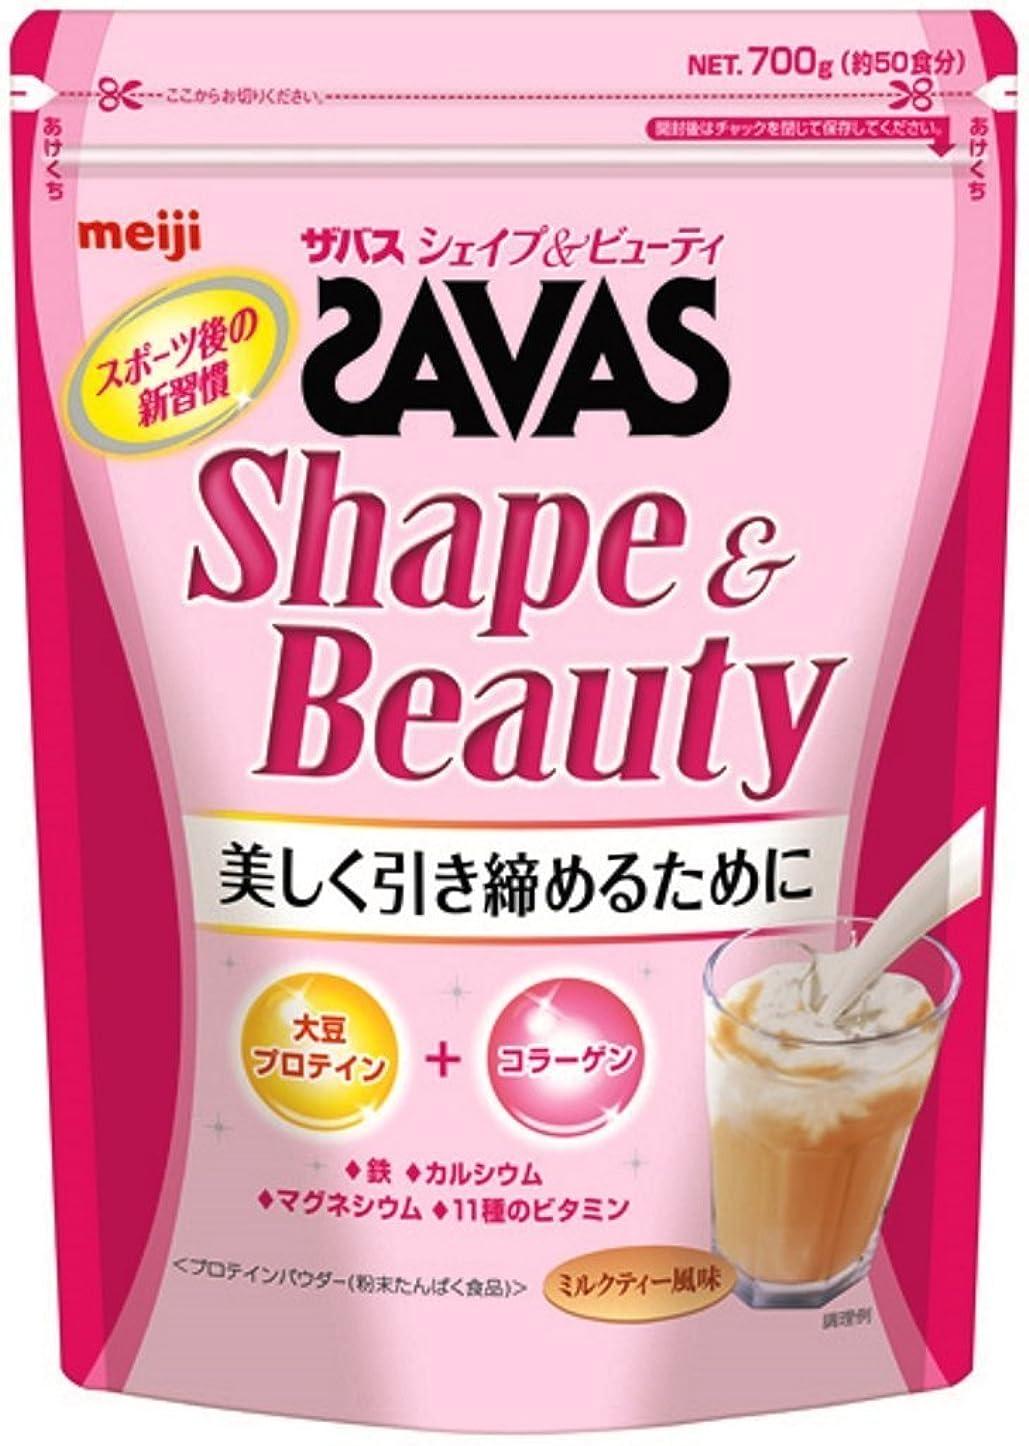 野な見ました開発する明治 ザバス シェイプ&ビューティ ミルクティー風味 【50食分】 700g